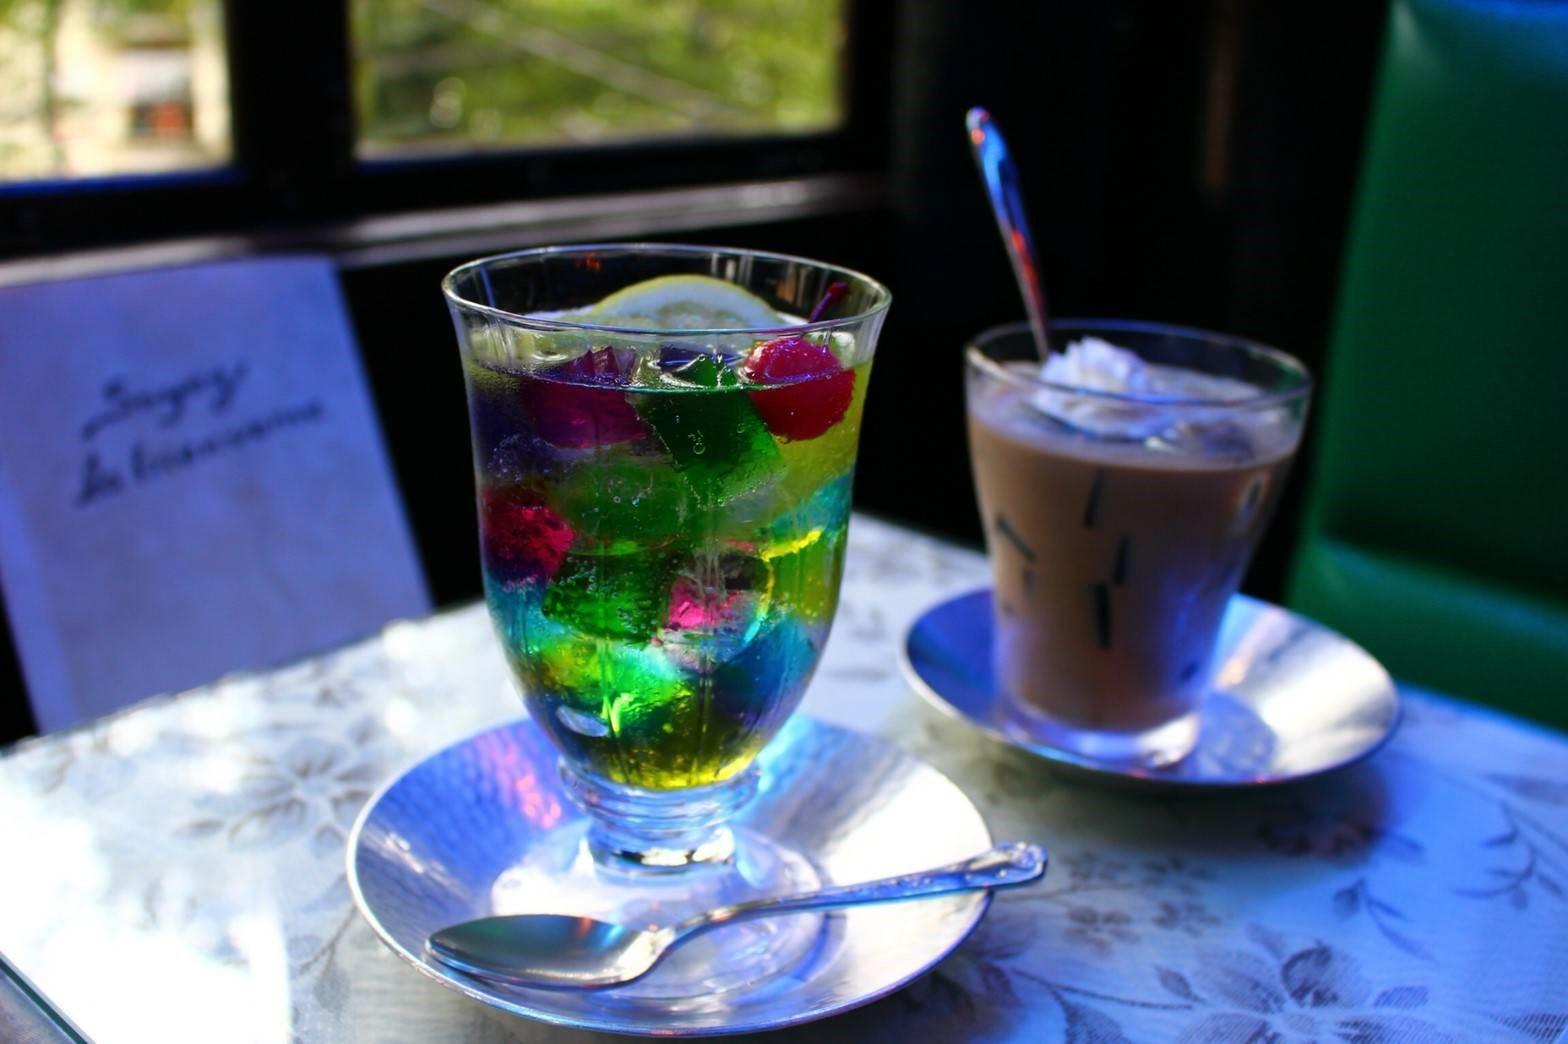 インスタ映えで終わらせない!若者を魅了する「喫茶ソワレ」の伝統